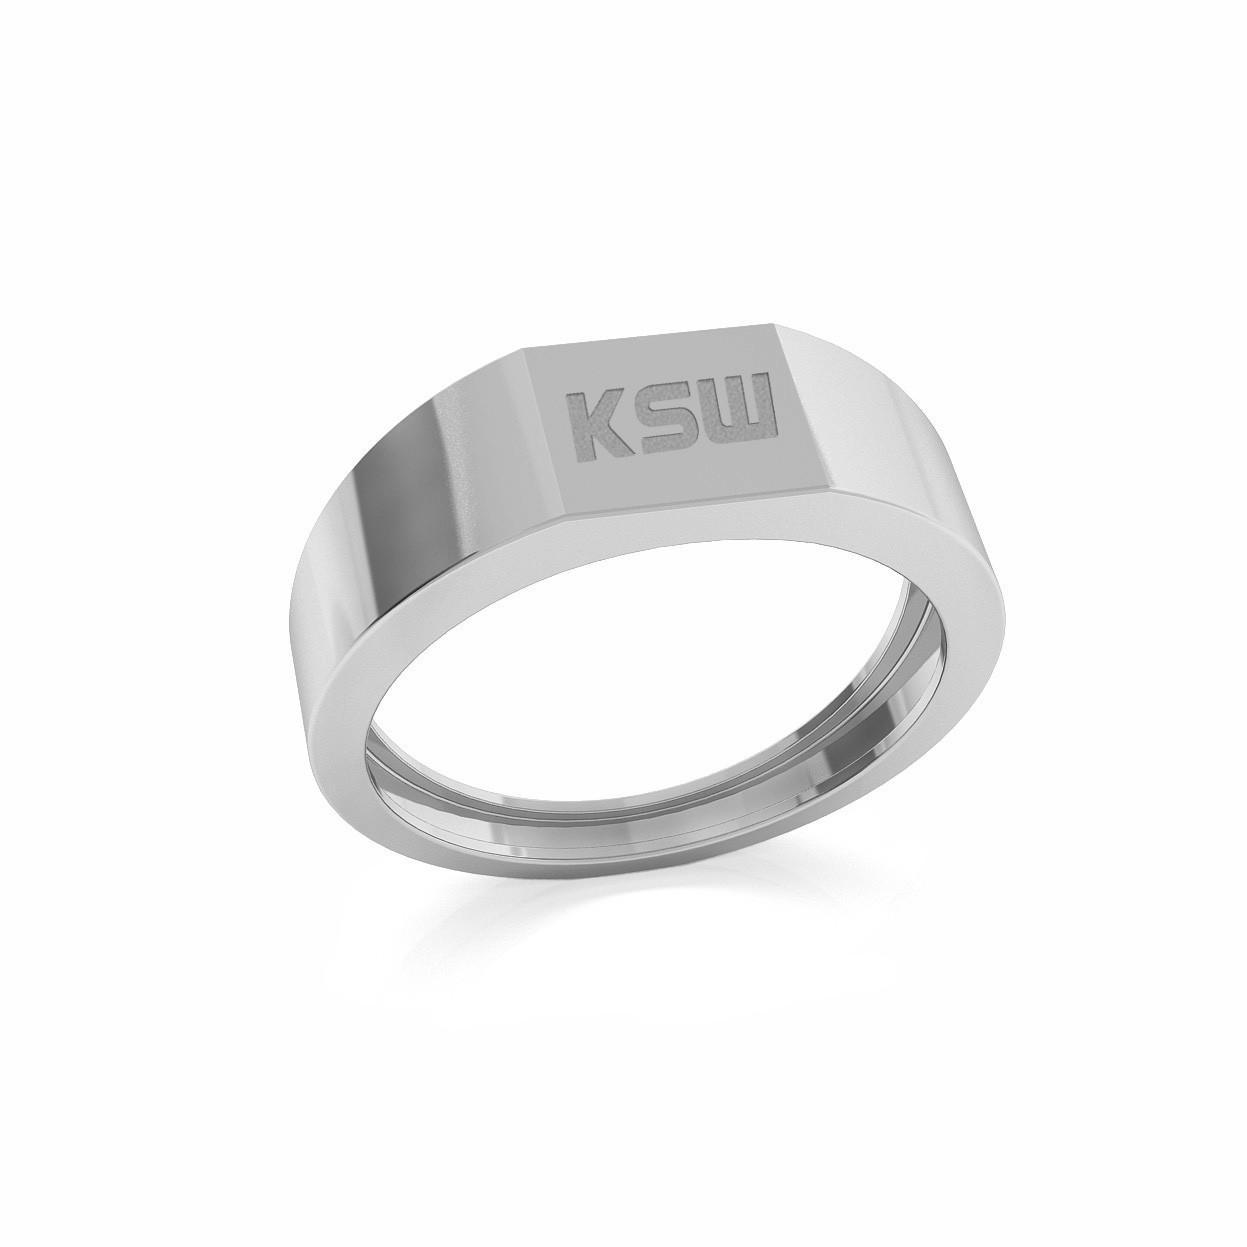 Sygnet z logo KSW, srebro 925